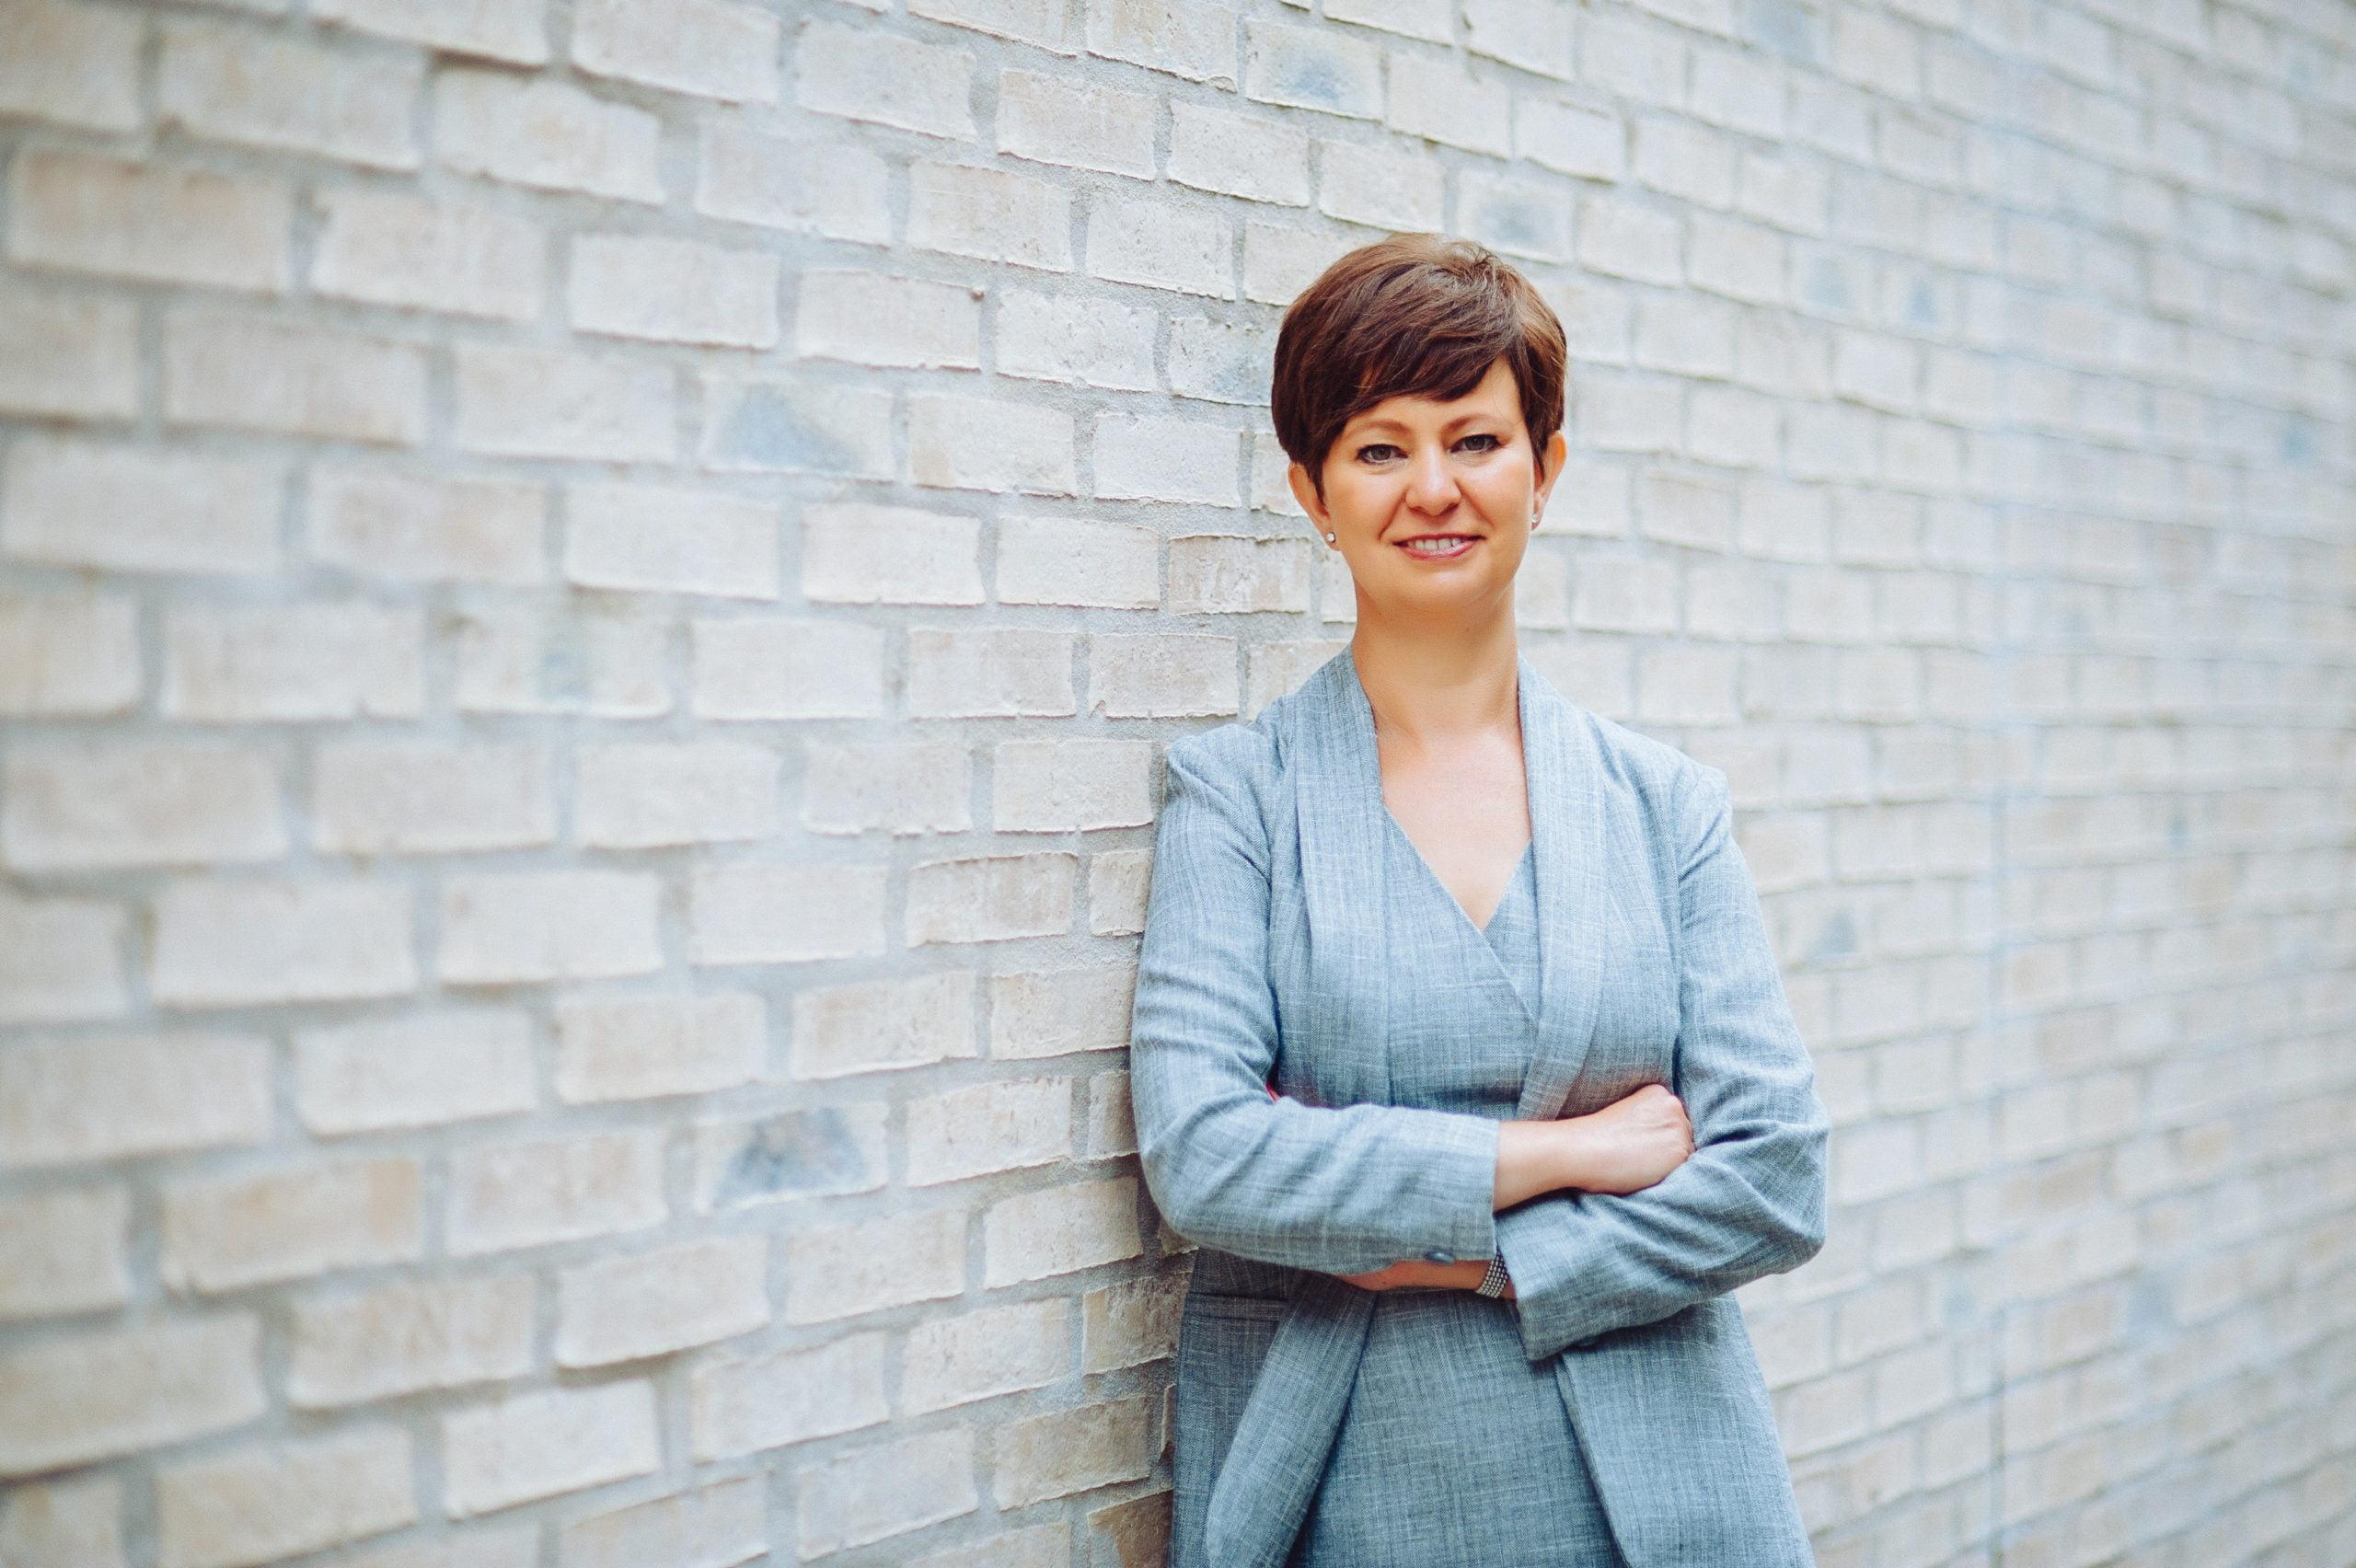 Julie Goodway